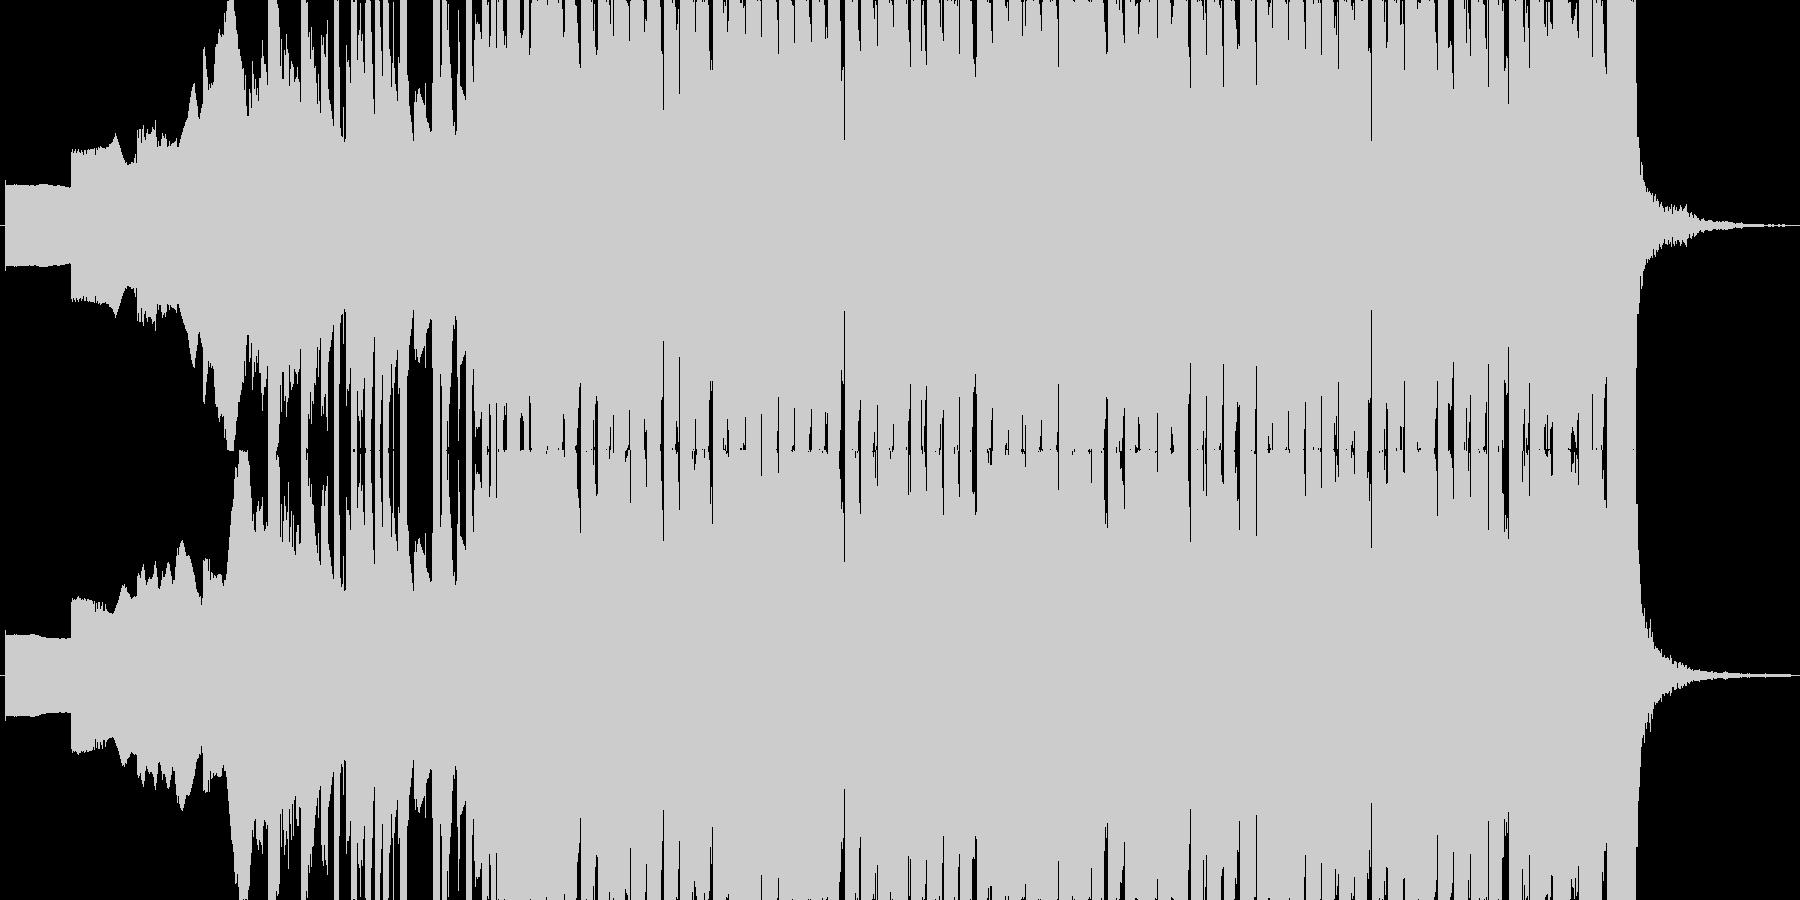 ファミコン風のオープニング・入場BGMの未再生の波形